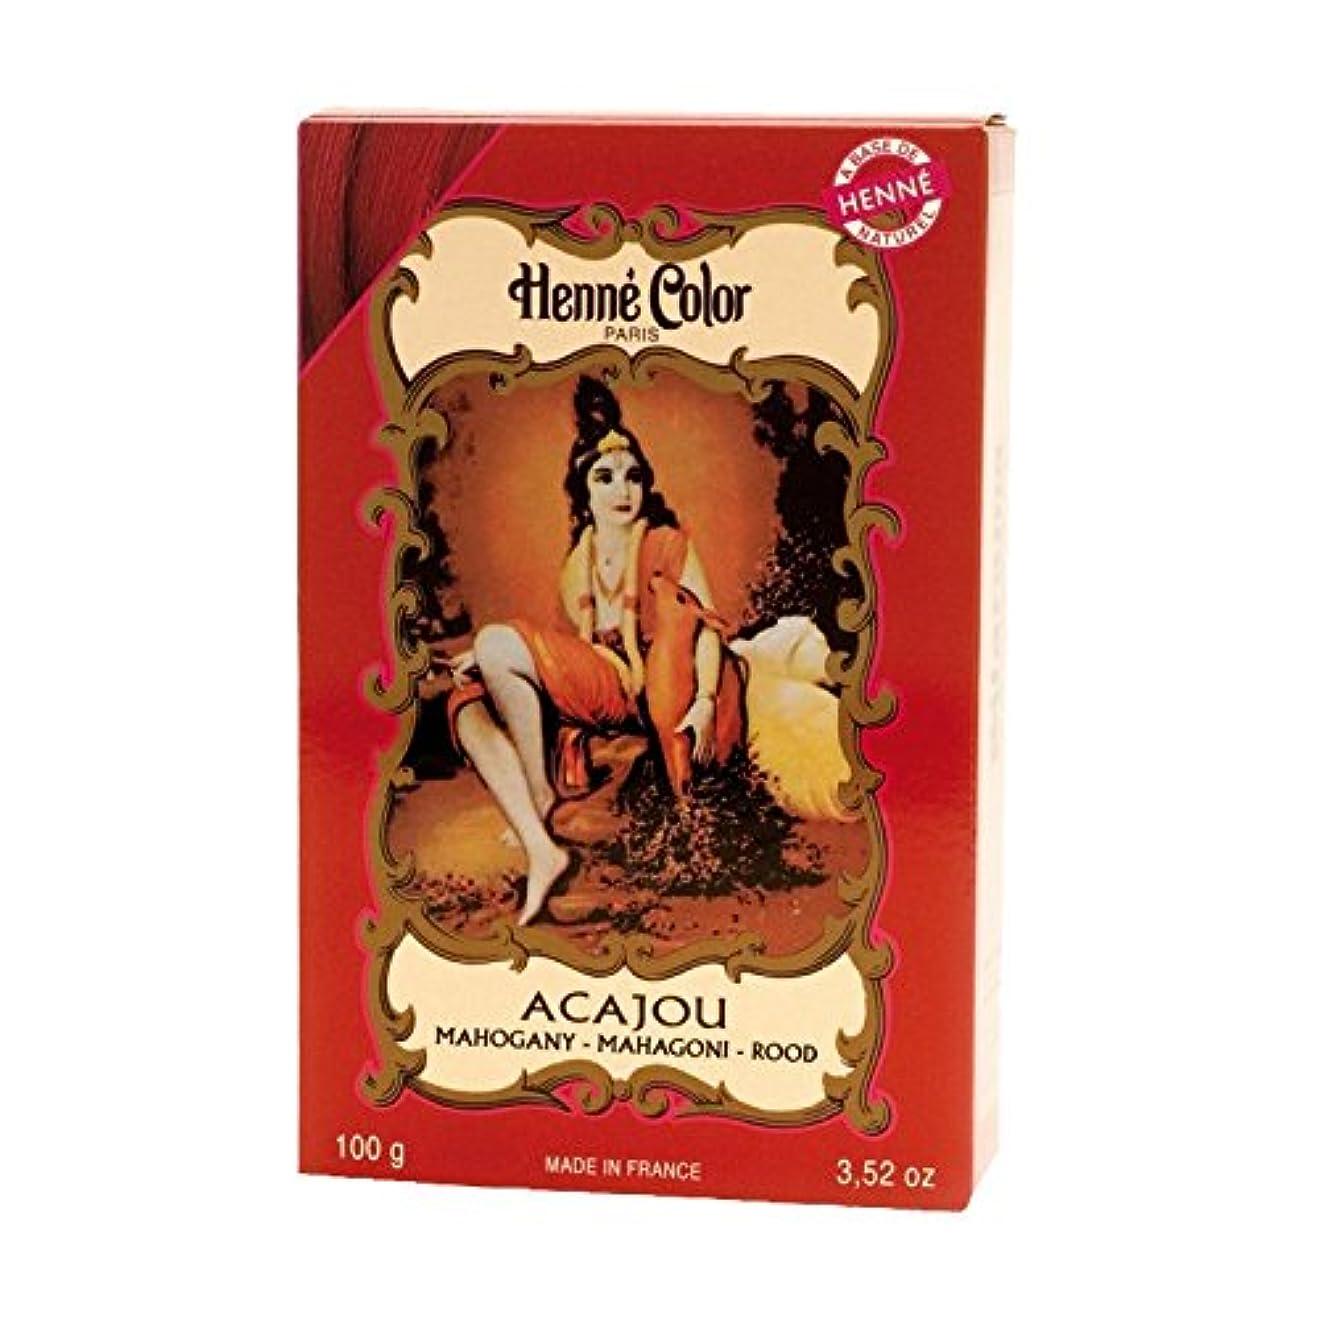 平衡ロッジボードヘンカラーヘナパウダーヘアカラーマホガニー赤100グラム - Henne Color Henna Powder Hair Colour Mahogany Red 100g (Henne Color) [並行輸入品]